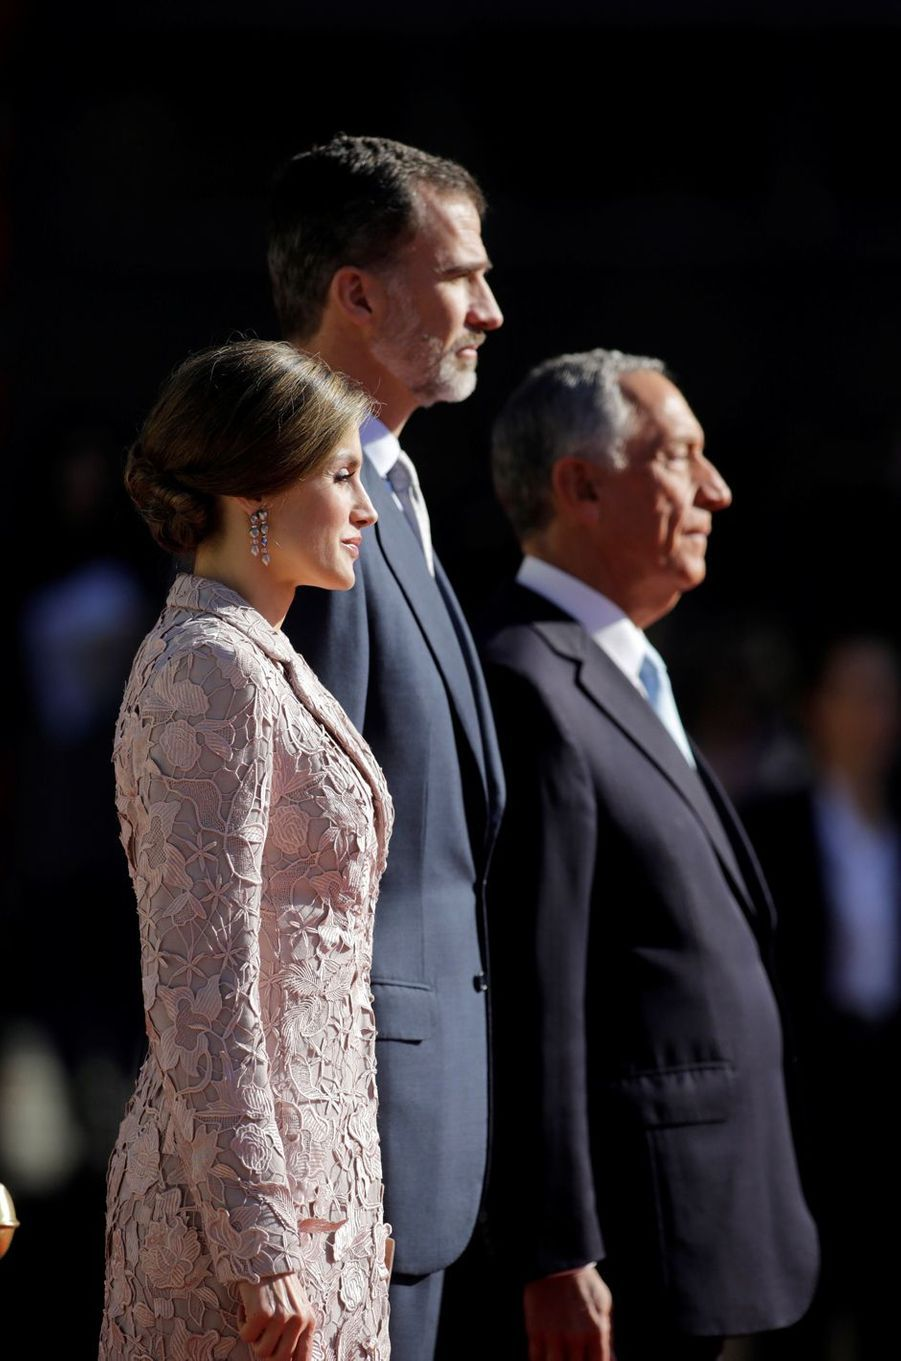 La reine Letizia et le roi Felipe VI d'Espagne avec le président portugais Marcelo Rebelo de Sousa à Porto, le 28 novembre 2016